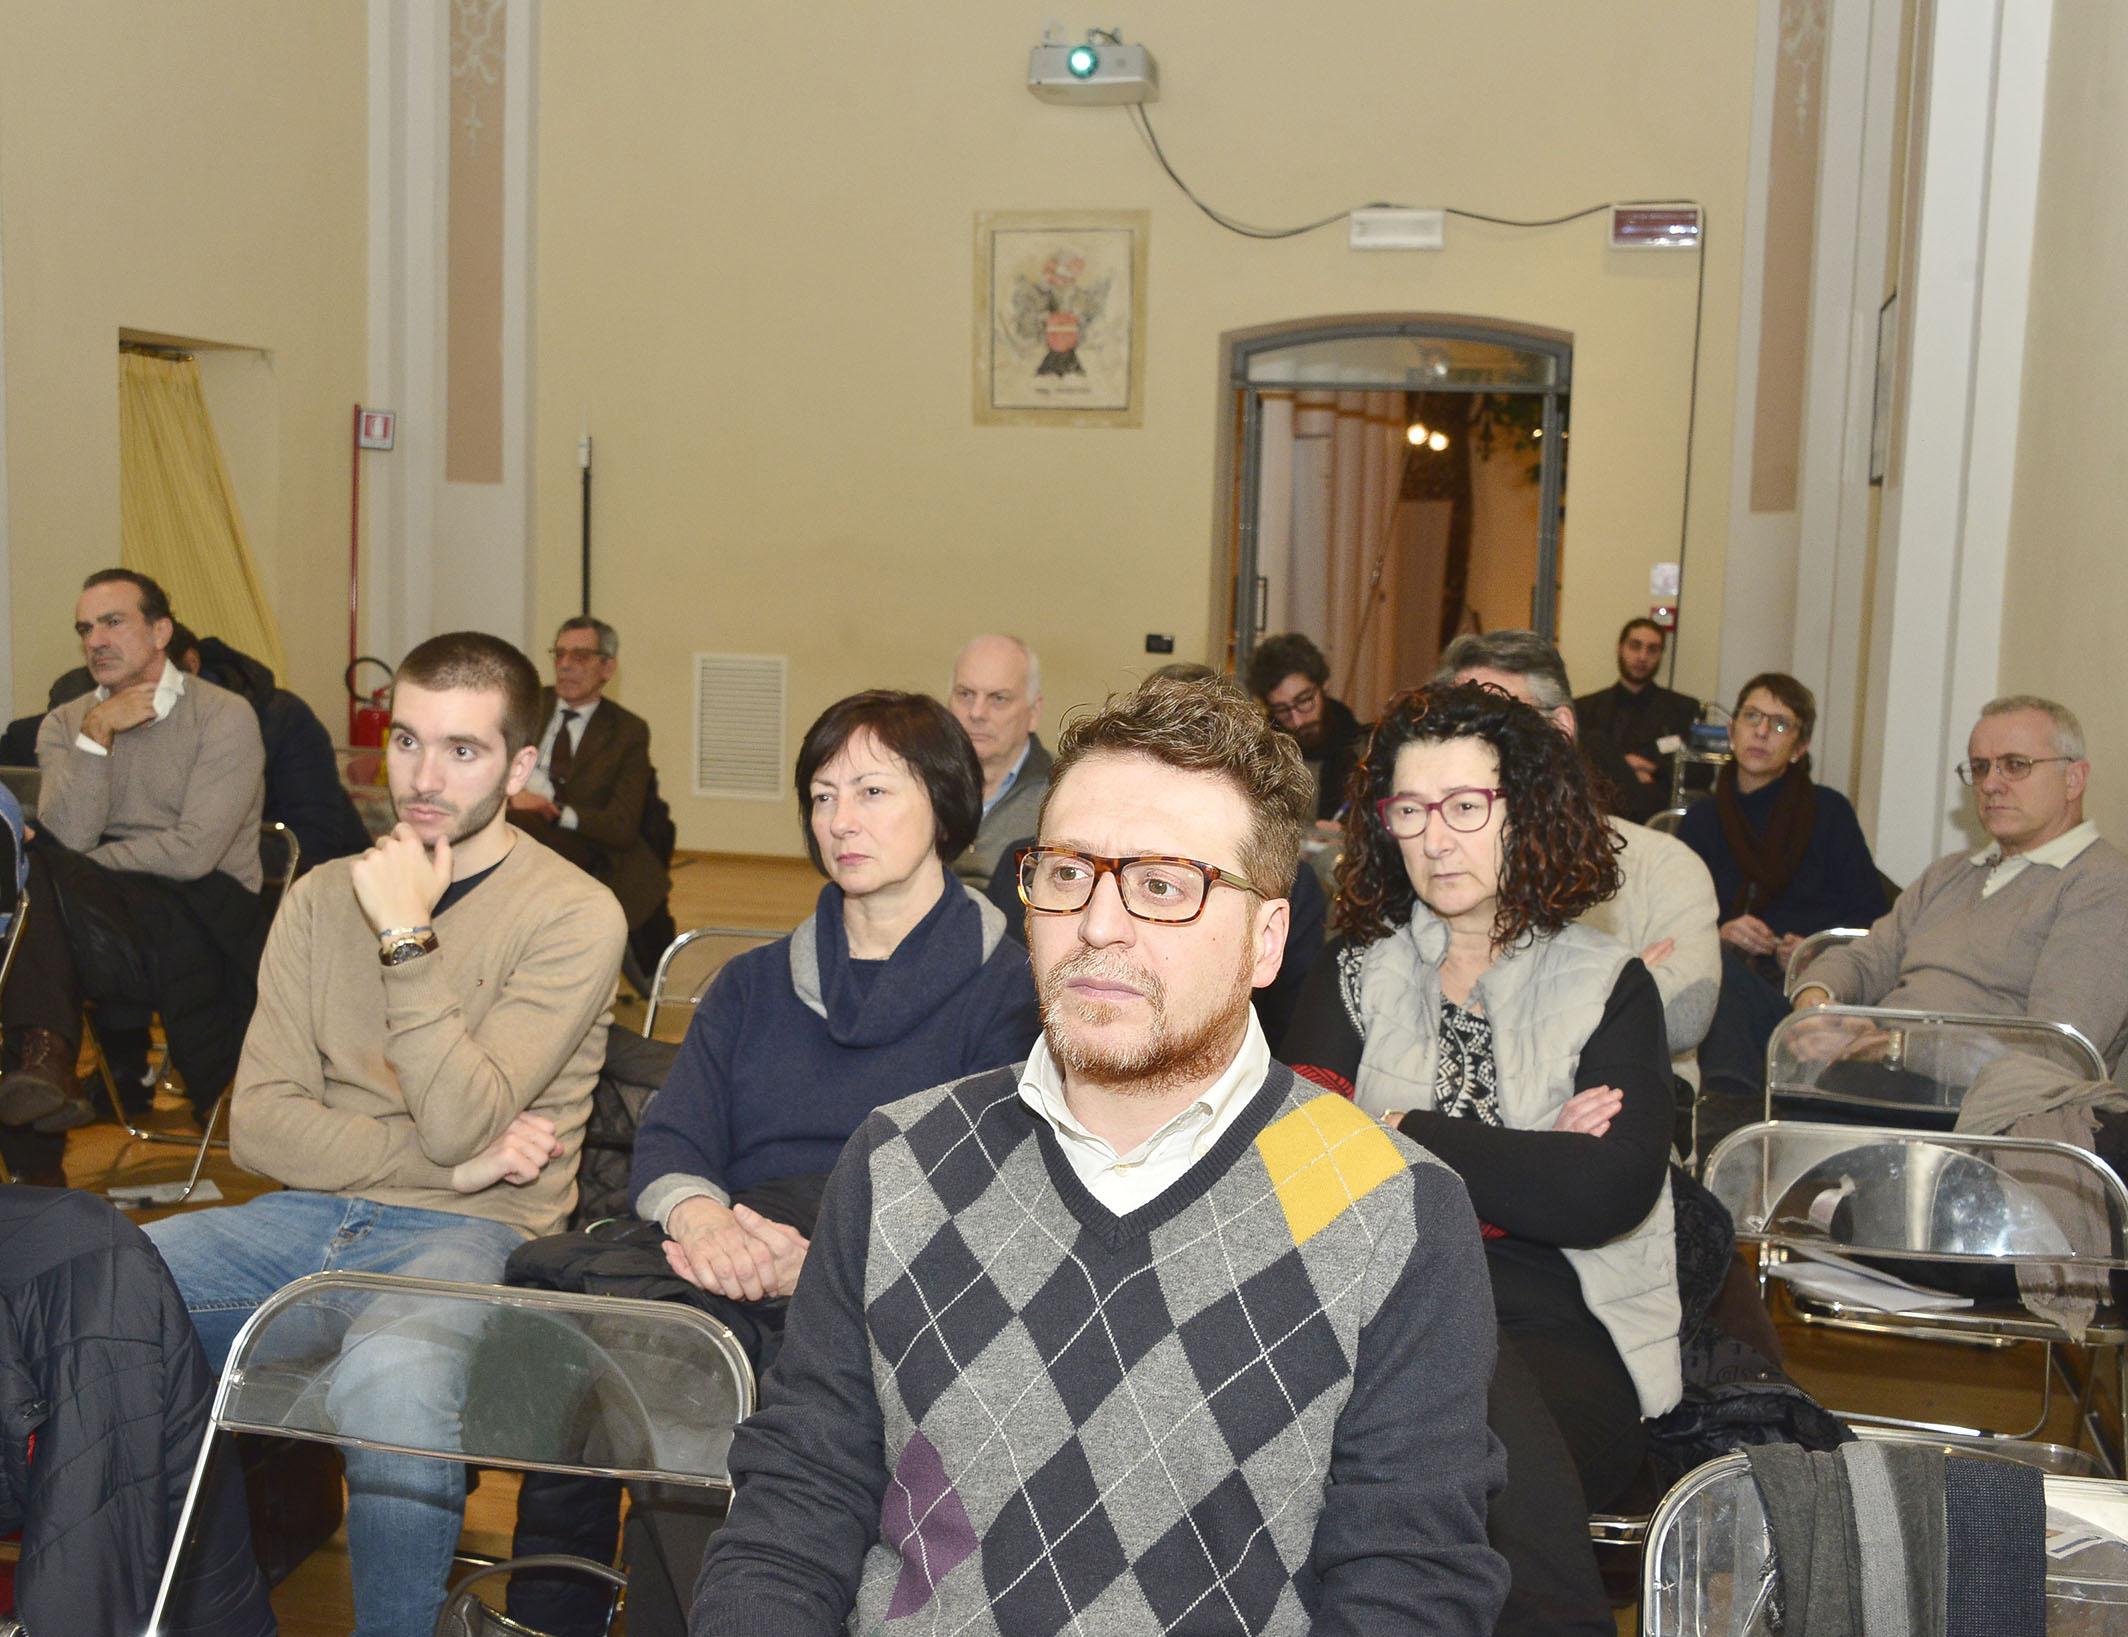 ragioneria@comune.gandellino.bg.it